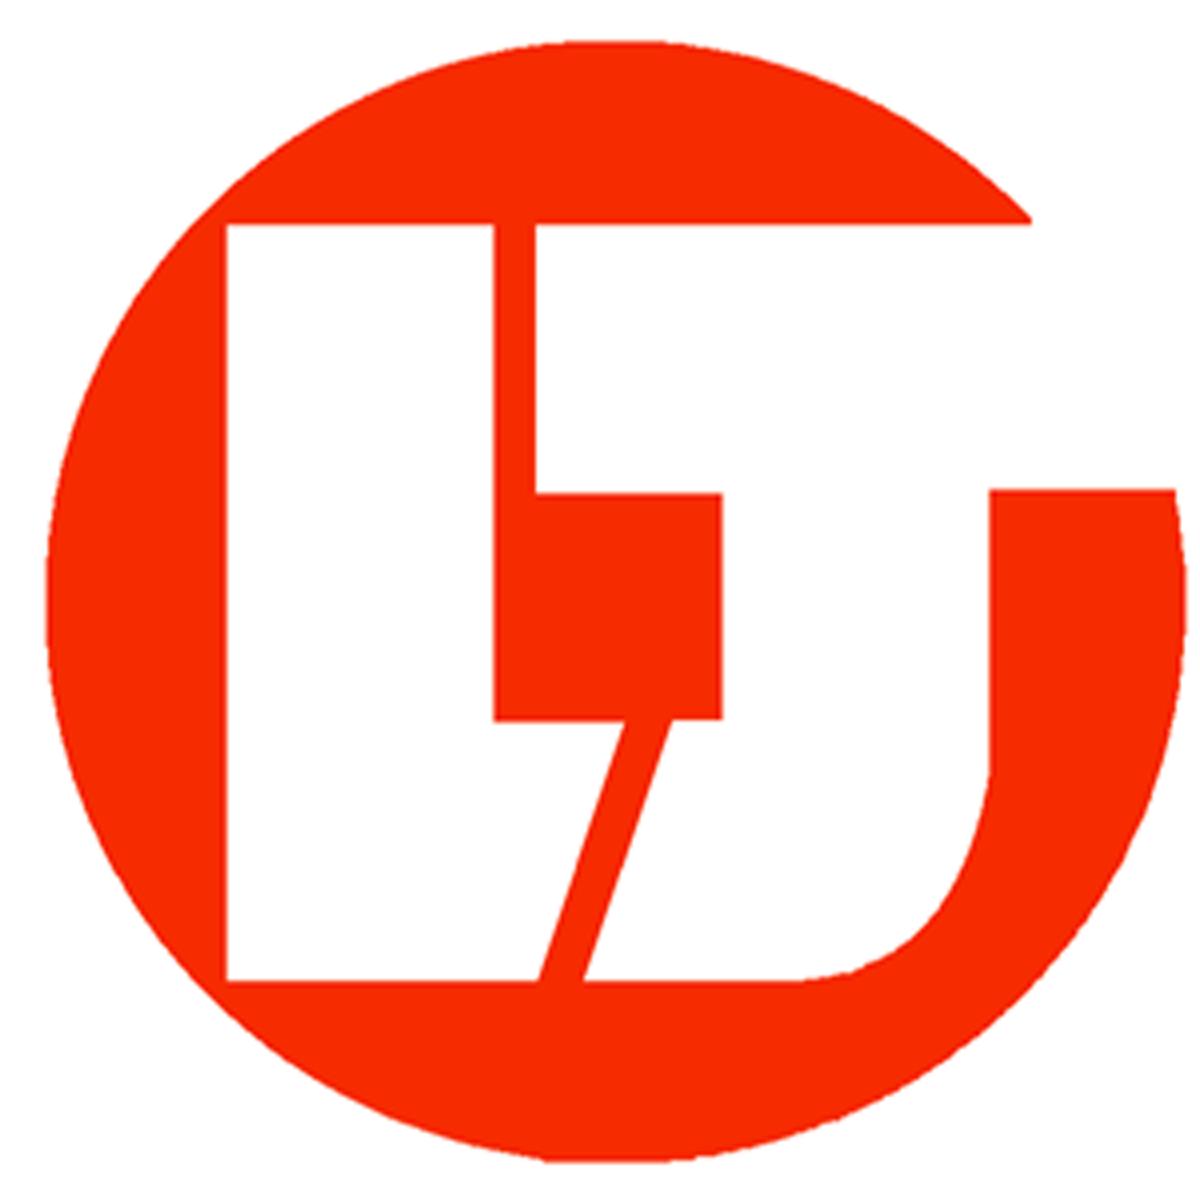 隆英(常州)特钢科技有限公司的企业标志